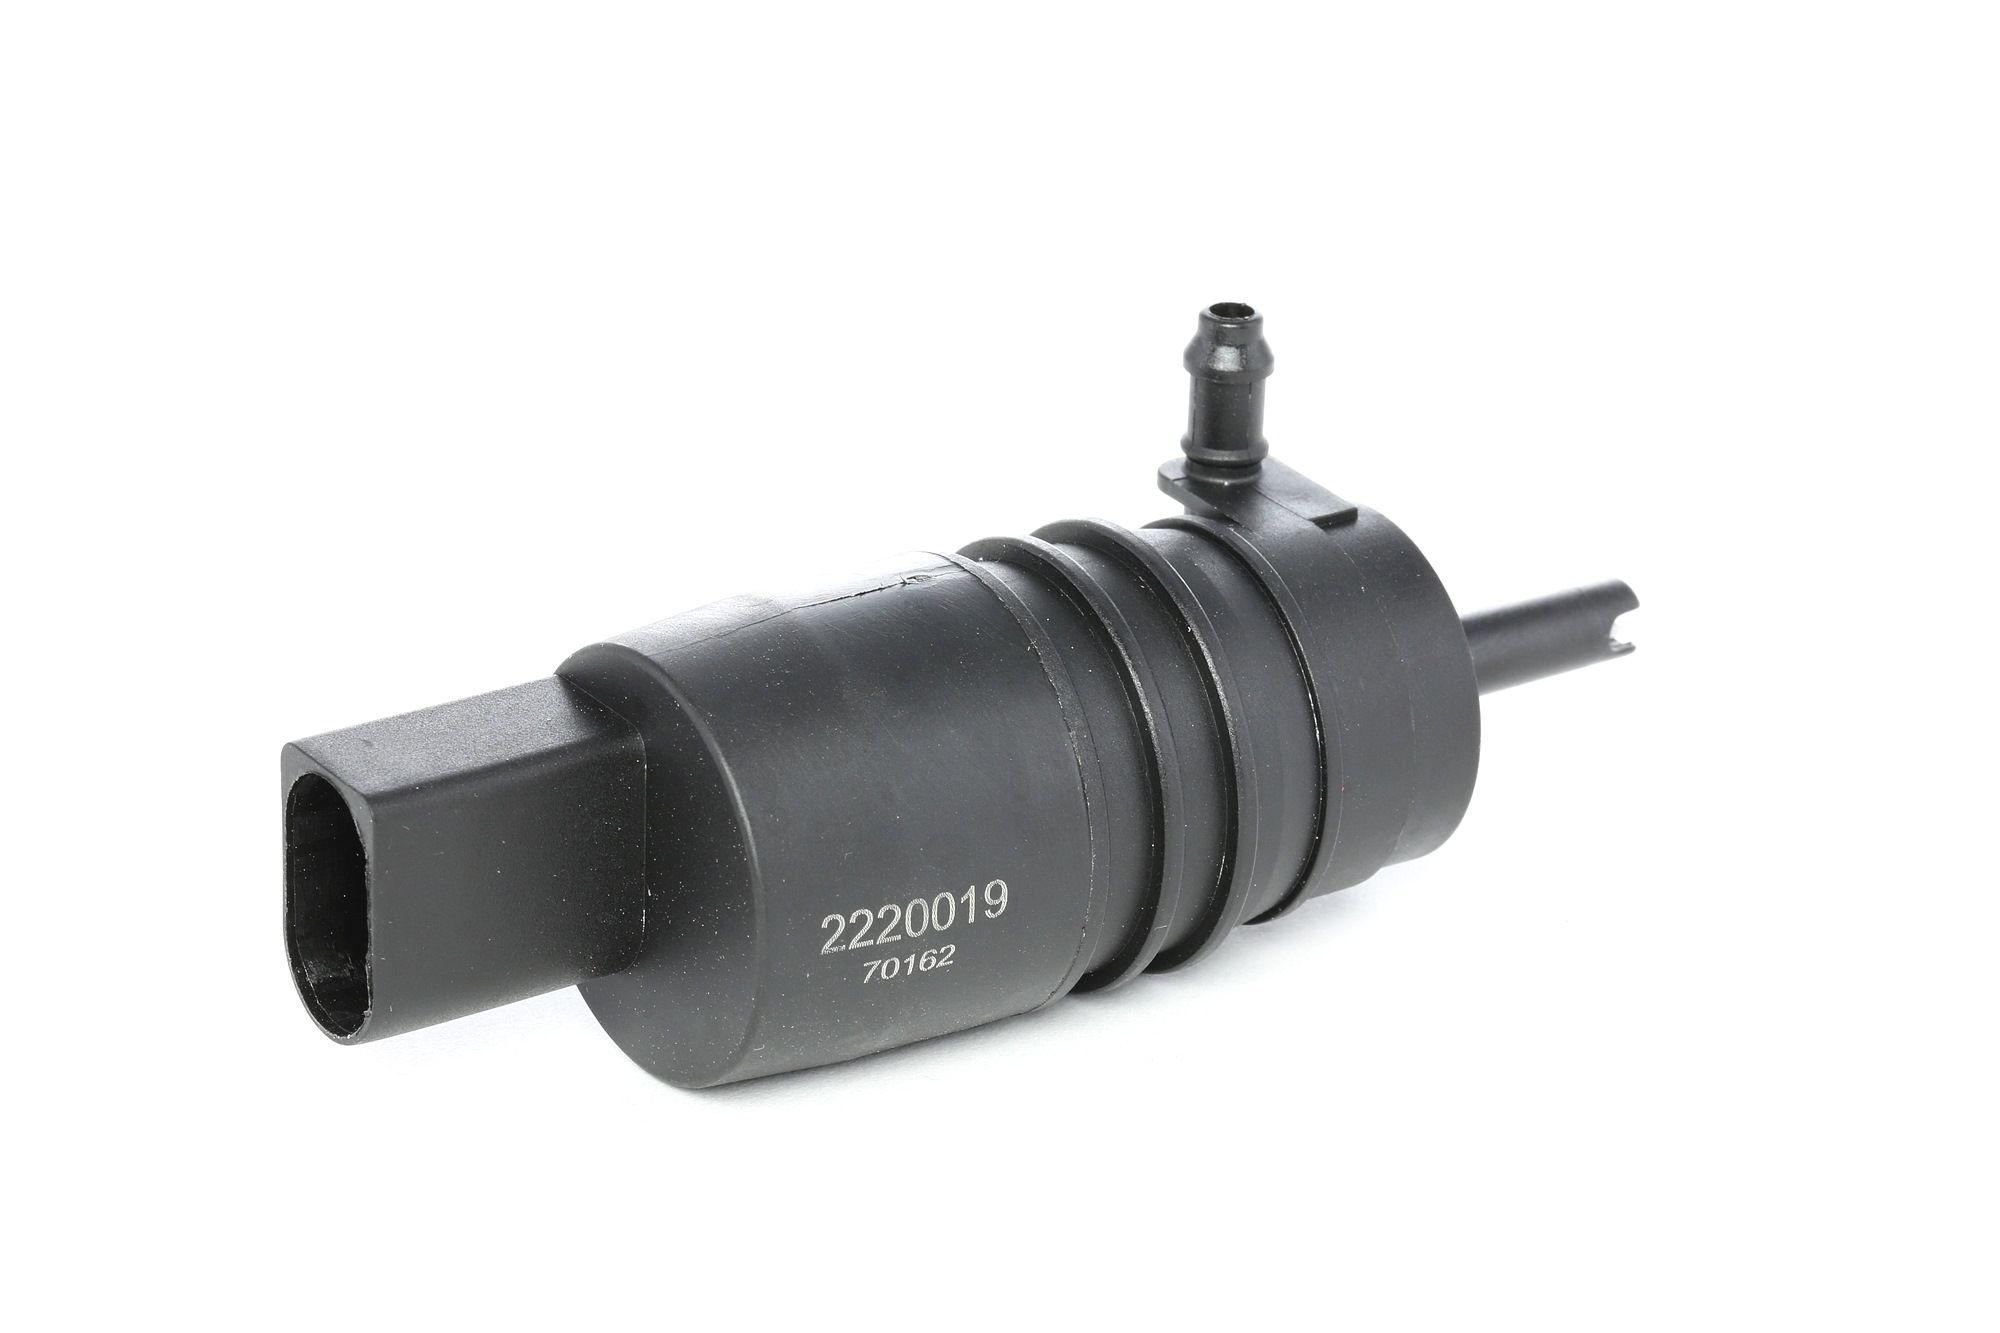 Wischwasserpumpe METZGER 2220019 Bewertung